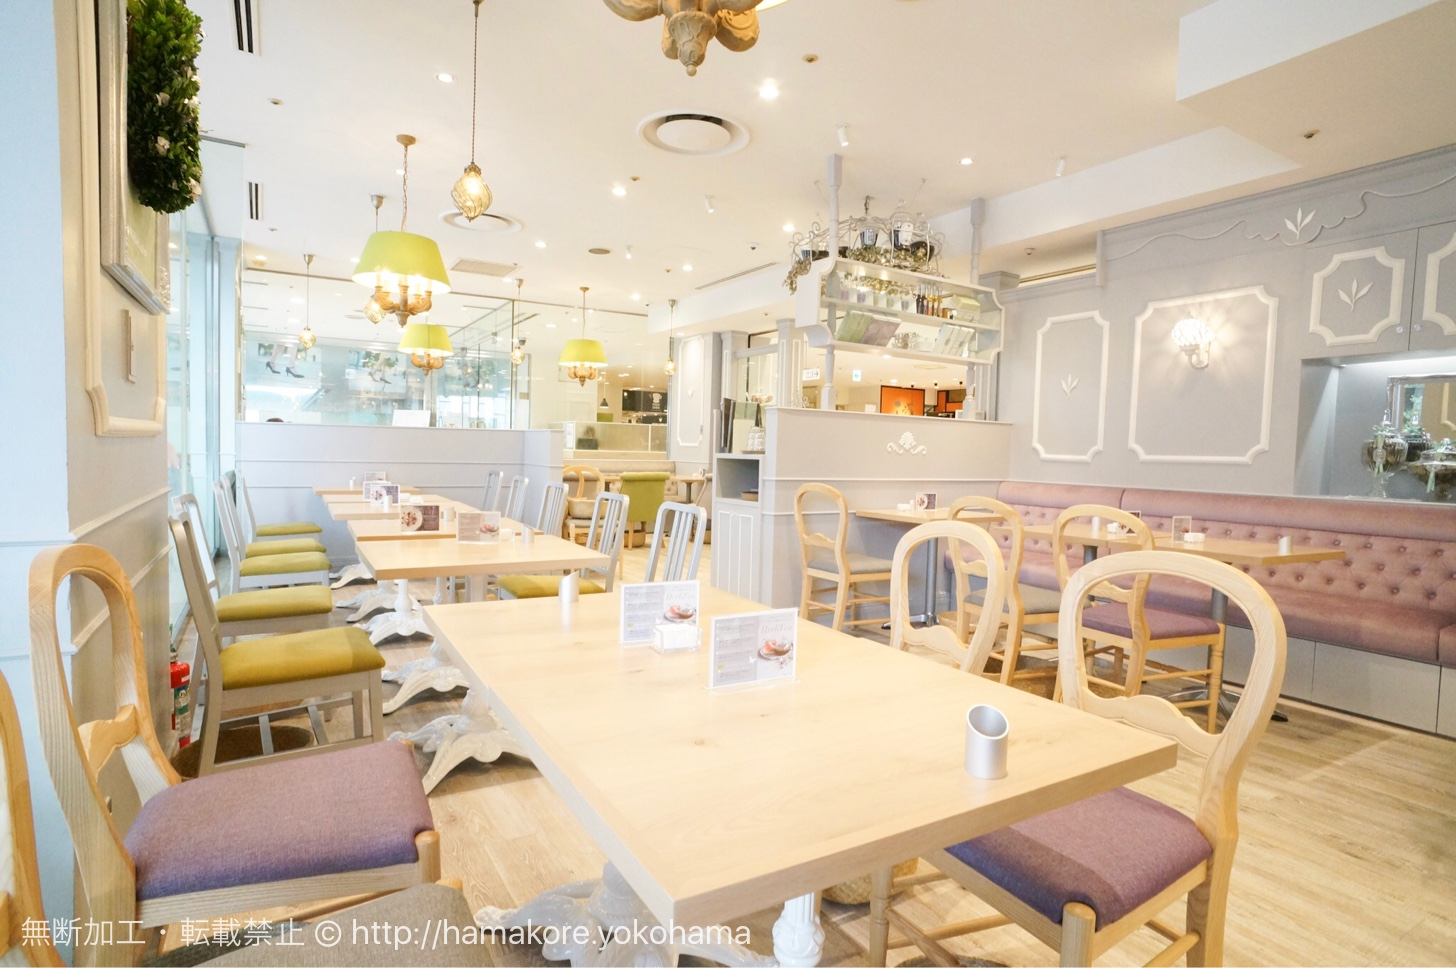 新茶の紅茶が飲める!横浜駅「マザーリーフ」がお洒落可愛いカフェに一新